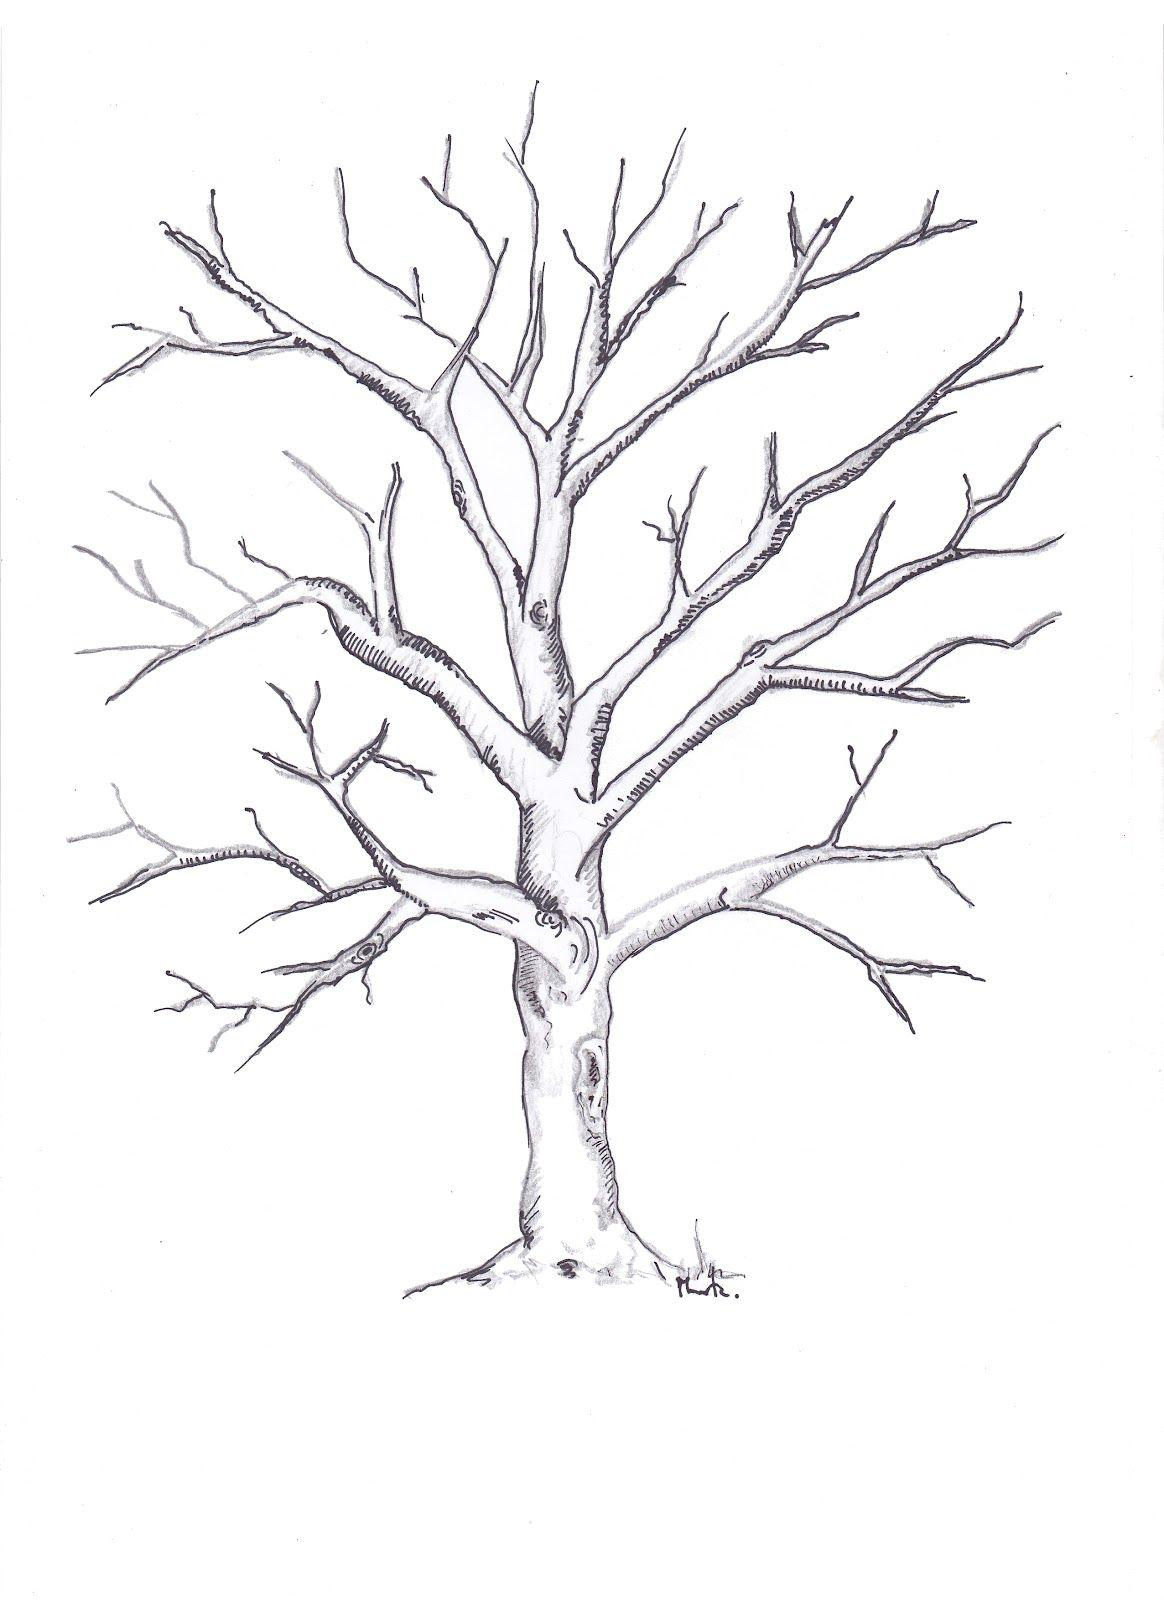 Dibujos De Arboles Secos Buscar Con Google Dibujos De Arboles Secos Dibujos De Arboles Dibujo De Arbol